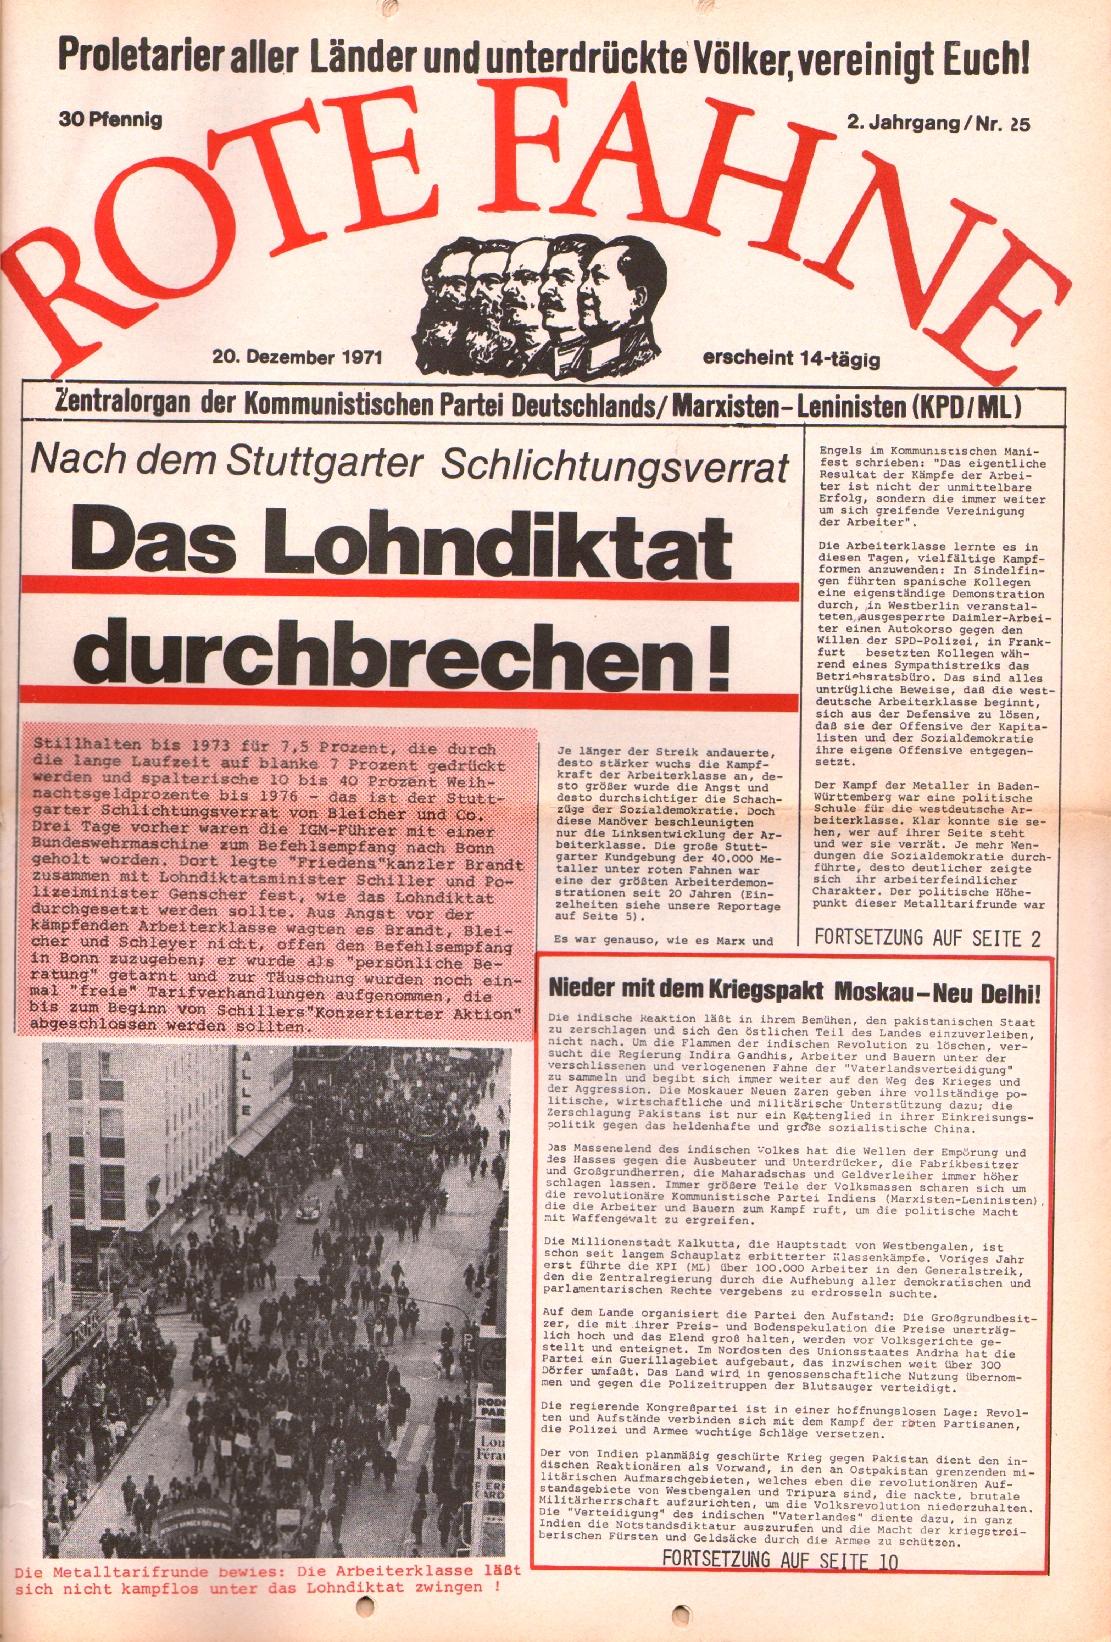 Rote Fahne, 2. Jg., 20.12.1971, Nr. 25, Seite 1